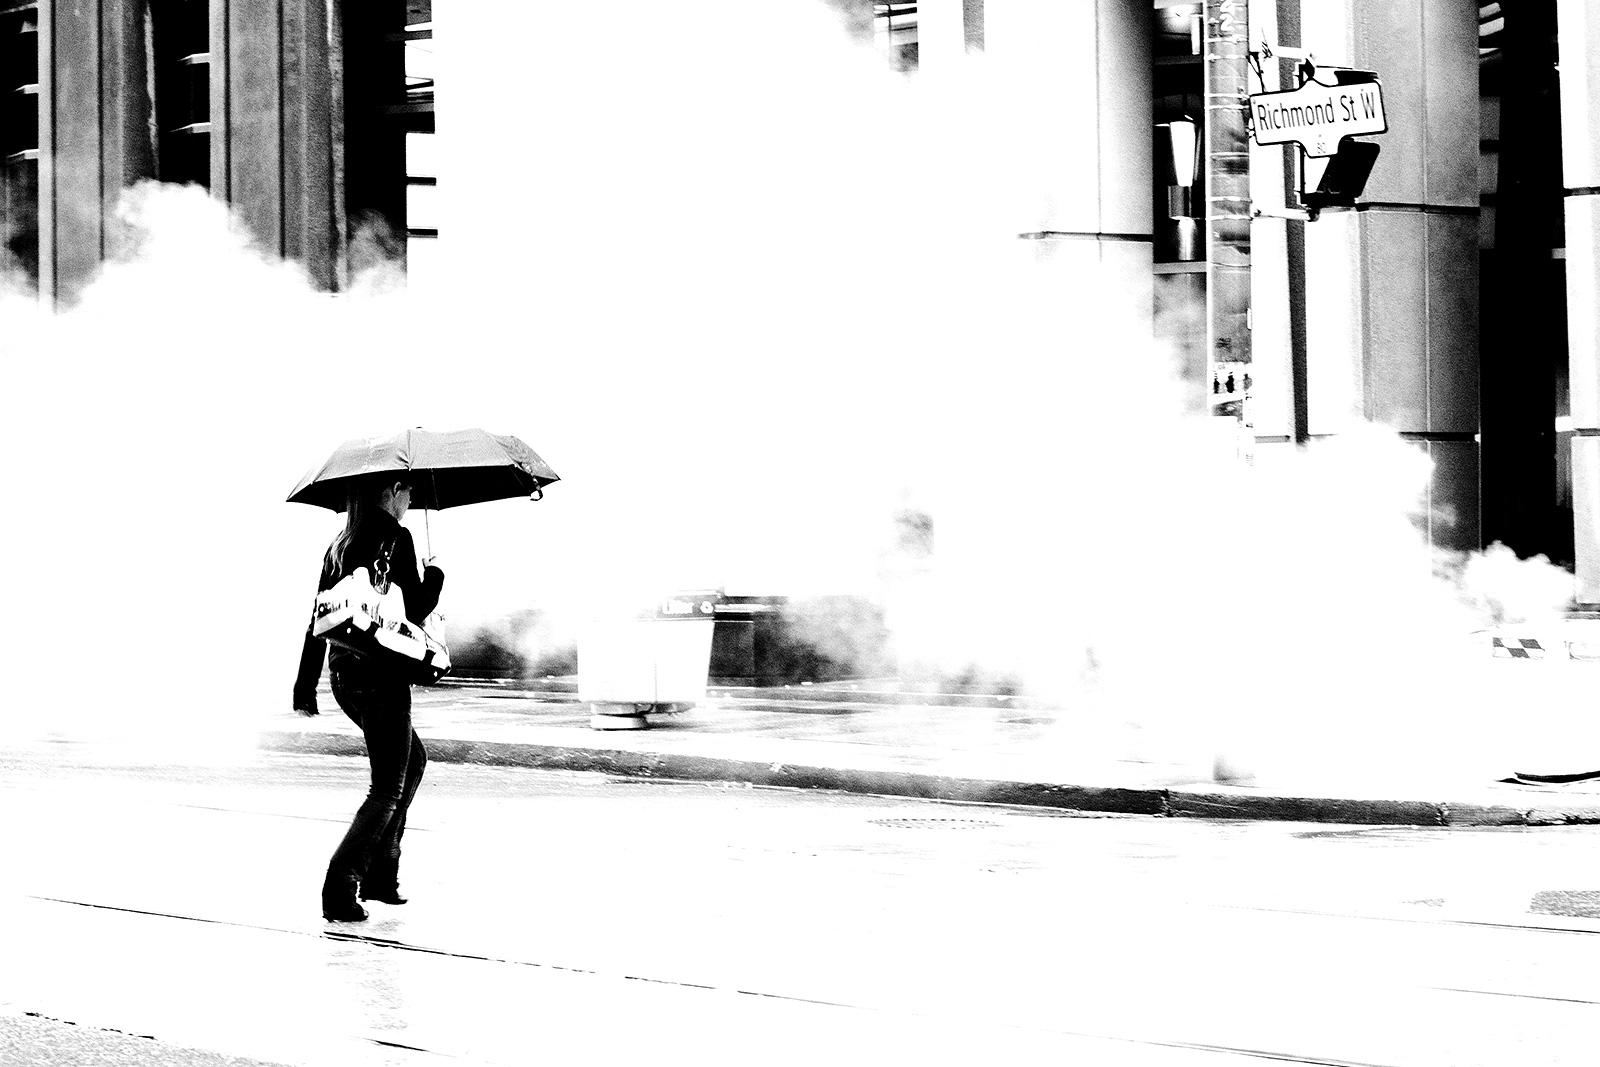 20100916-crossing_in_smoke_01.jpg